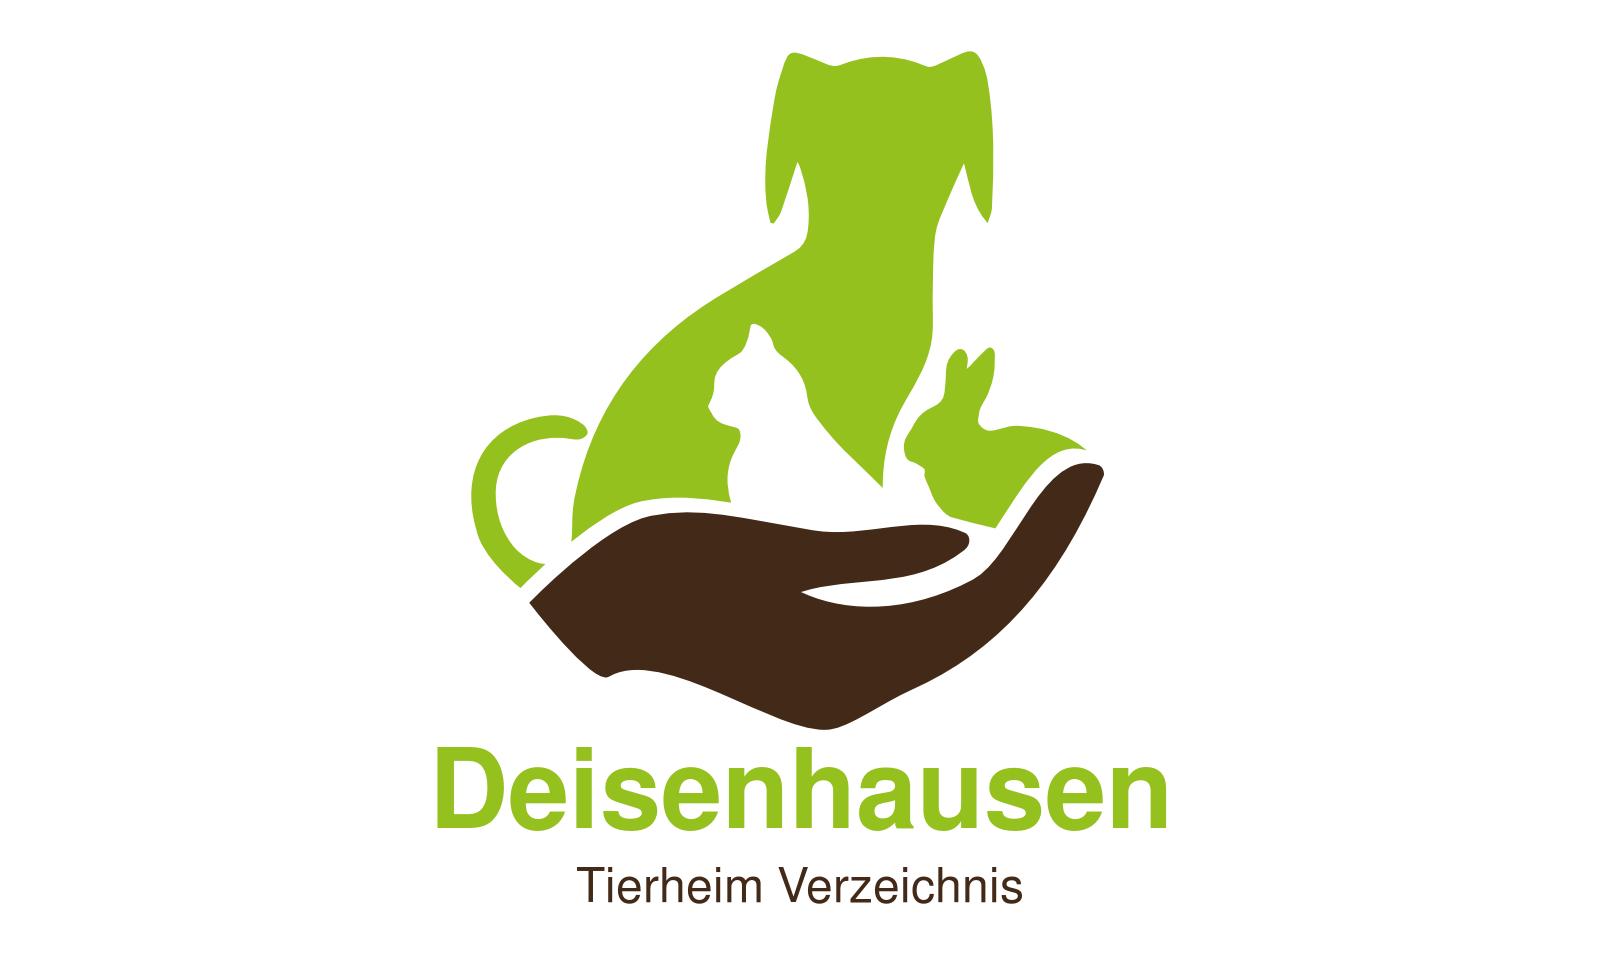 Tierheim Deisenhausen